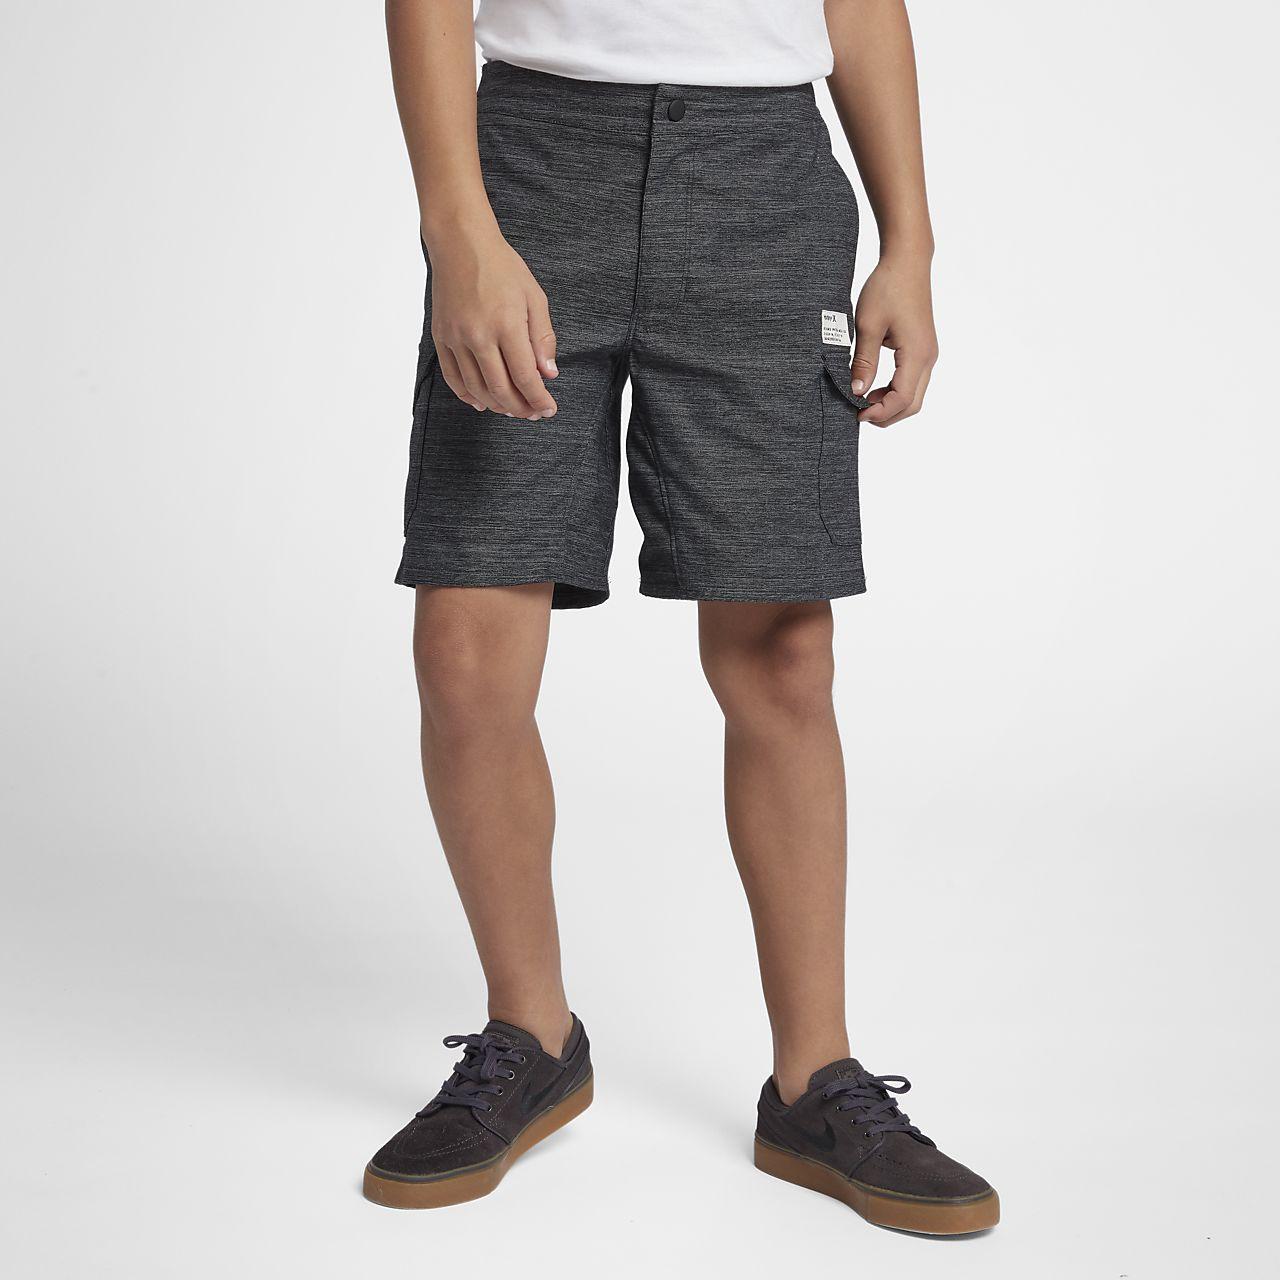 Hurley Dri-FIT Breathe Pantalón corto con bolsillos de 41 cm - Niño